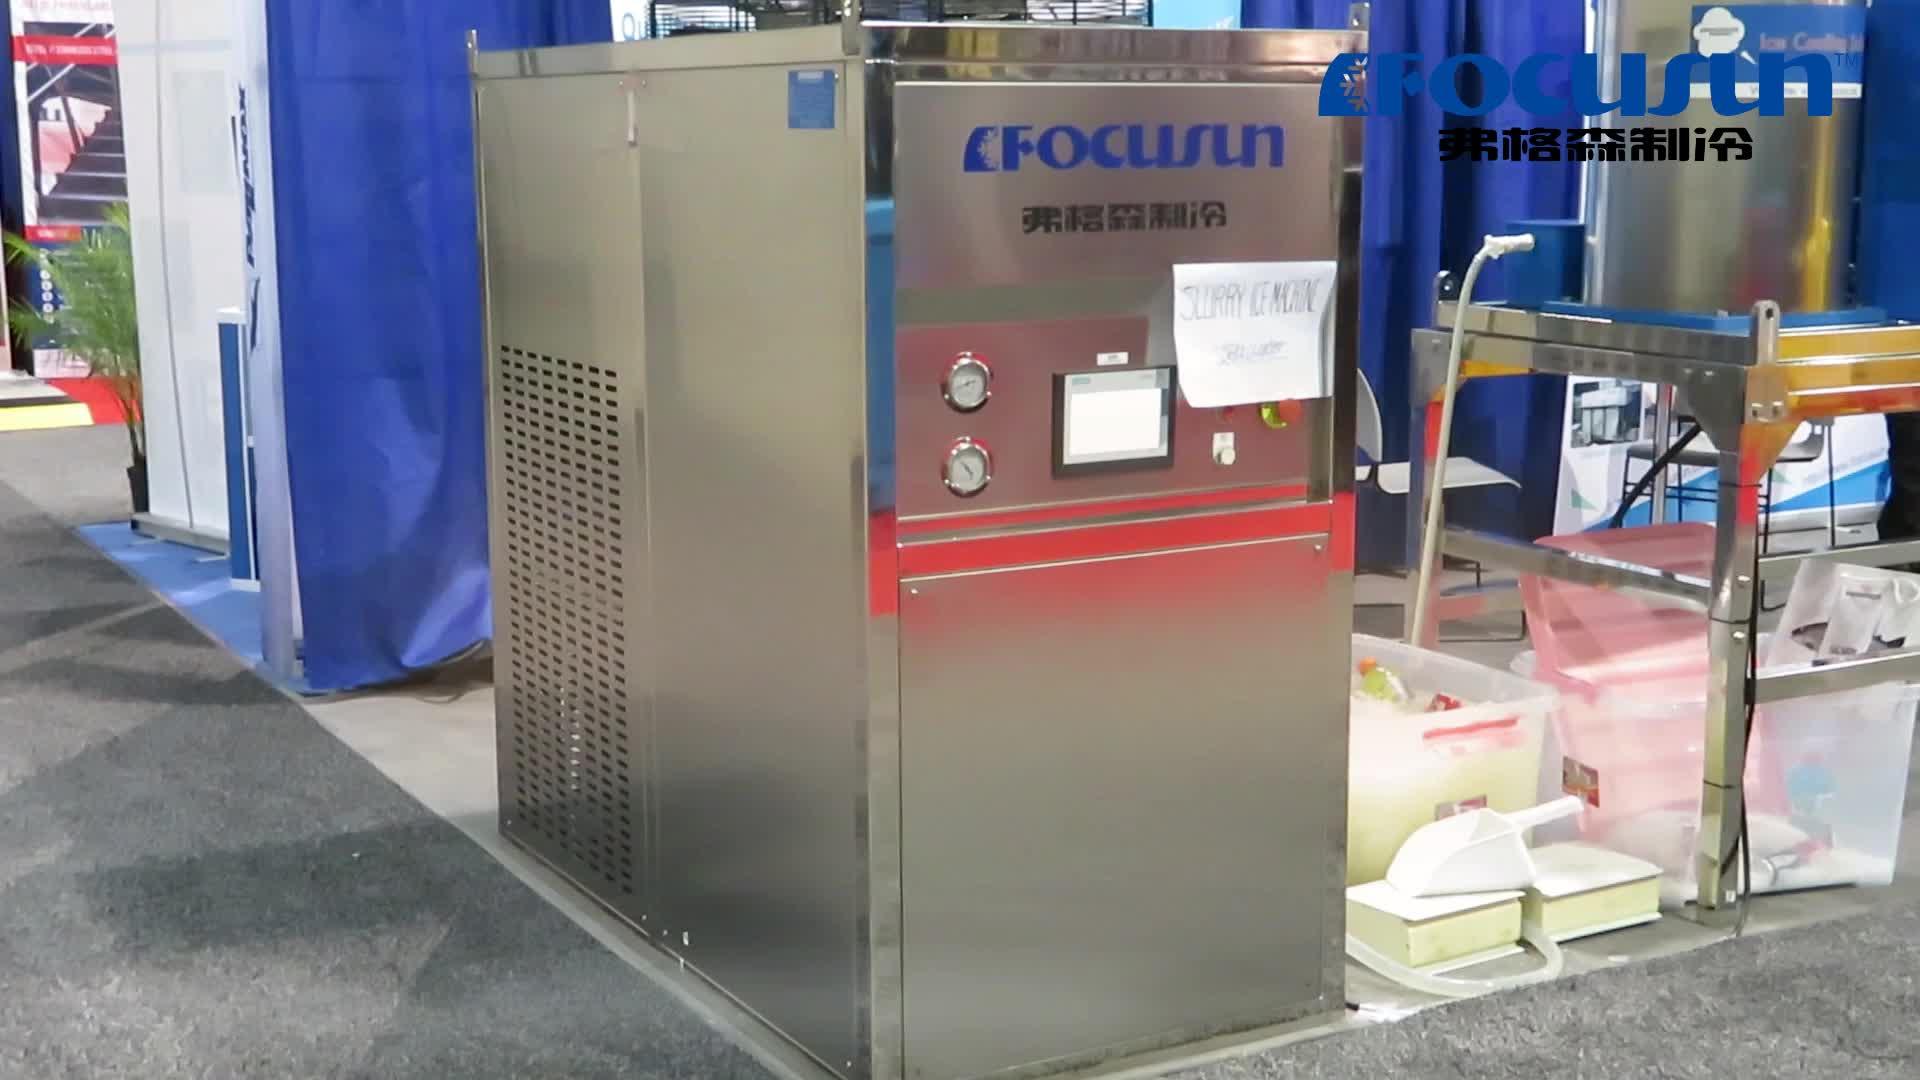 Hoge kwaliteit commerciële industriële drijfmest ijsmachine 5 ton voor visserij